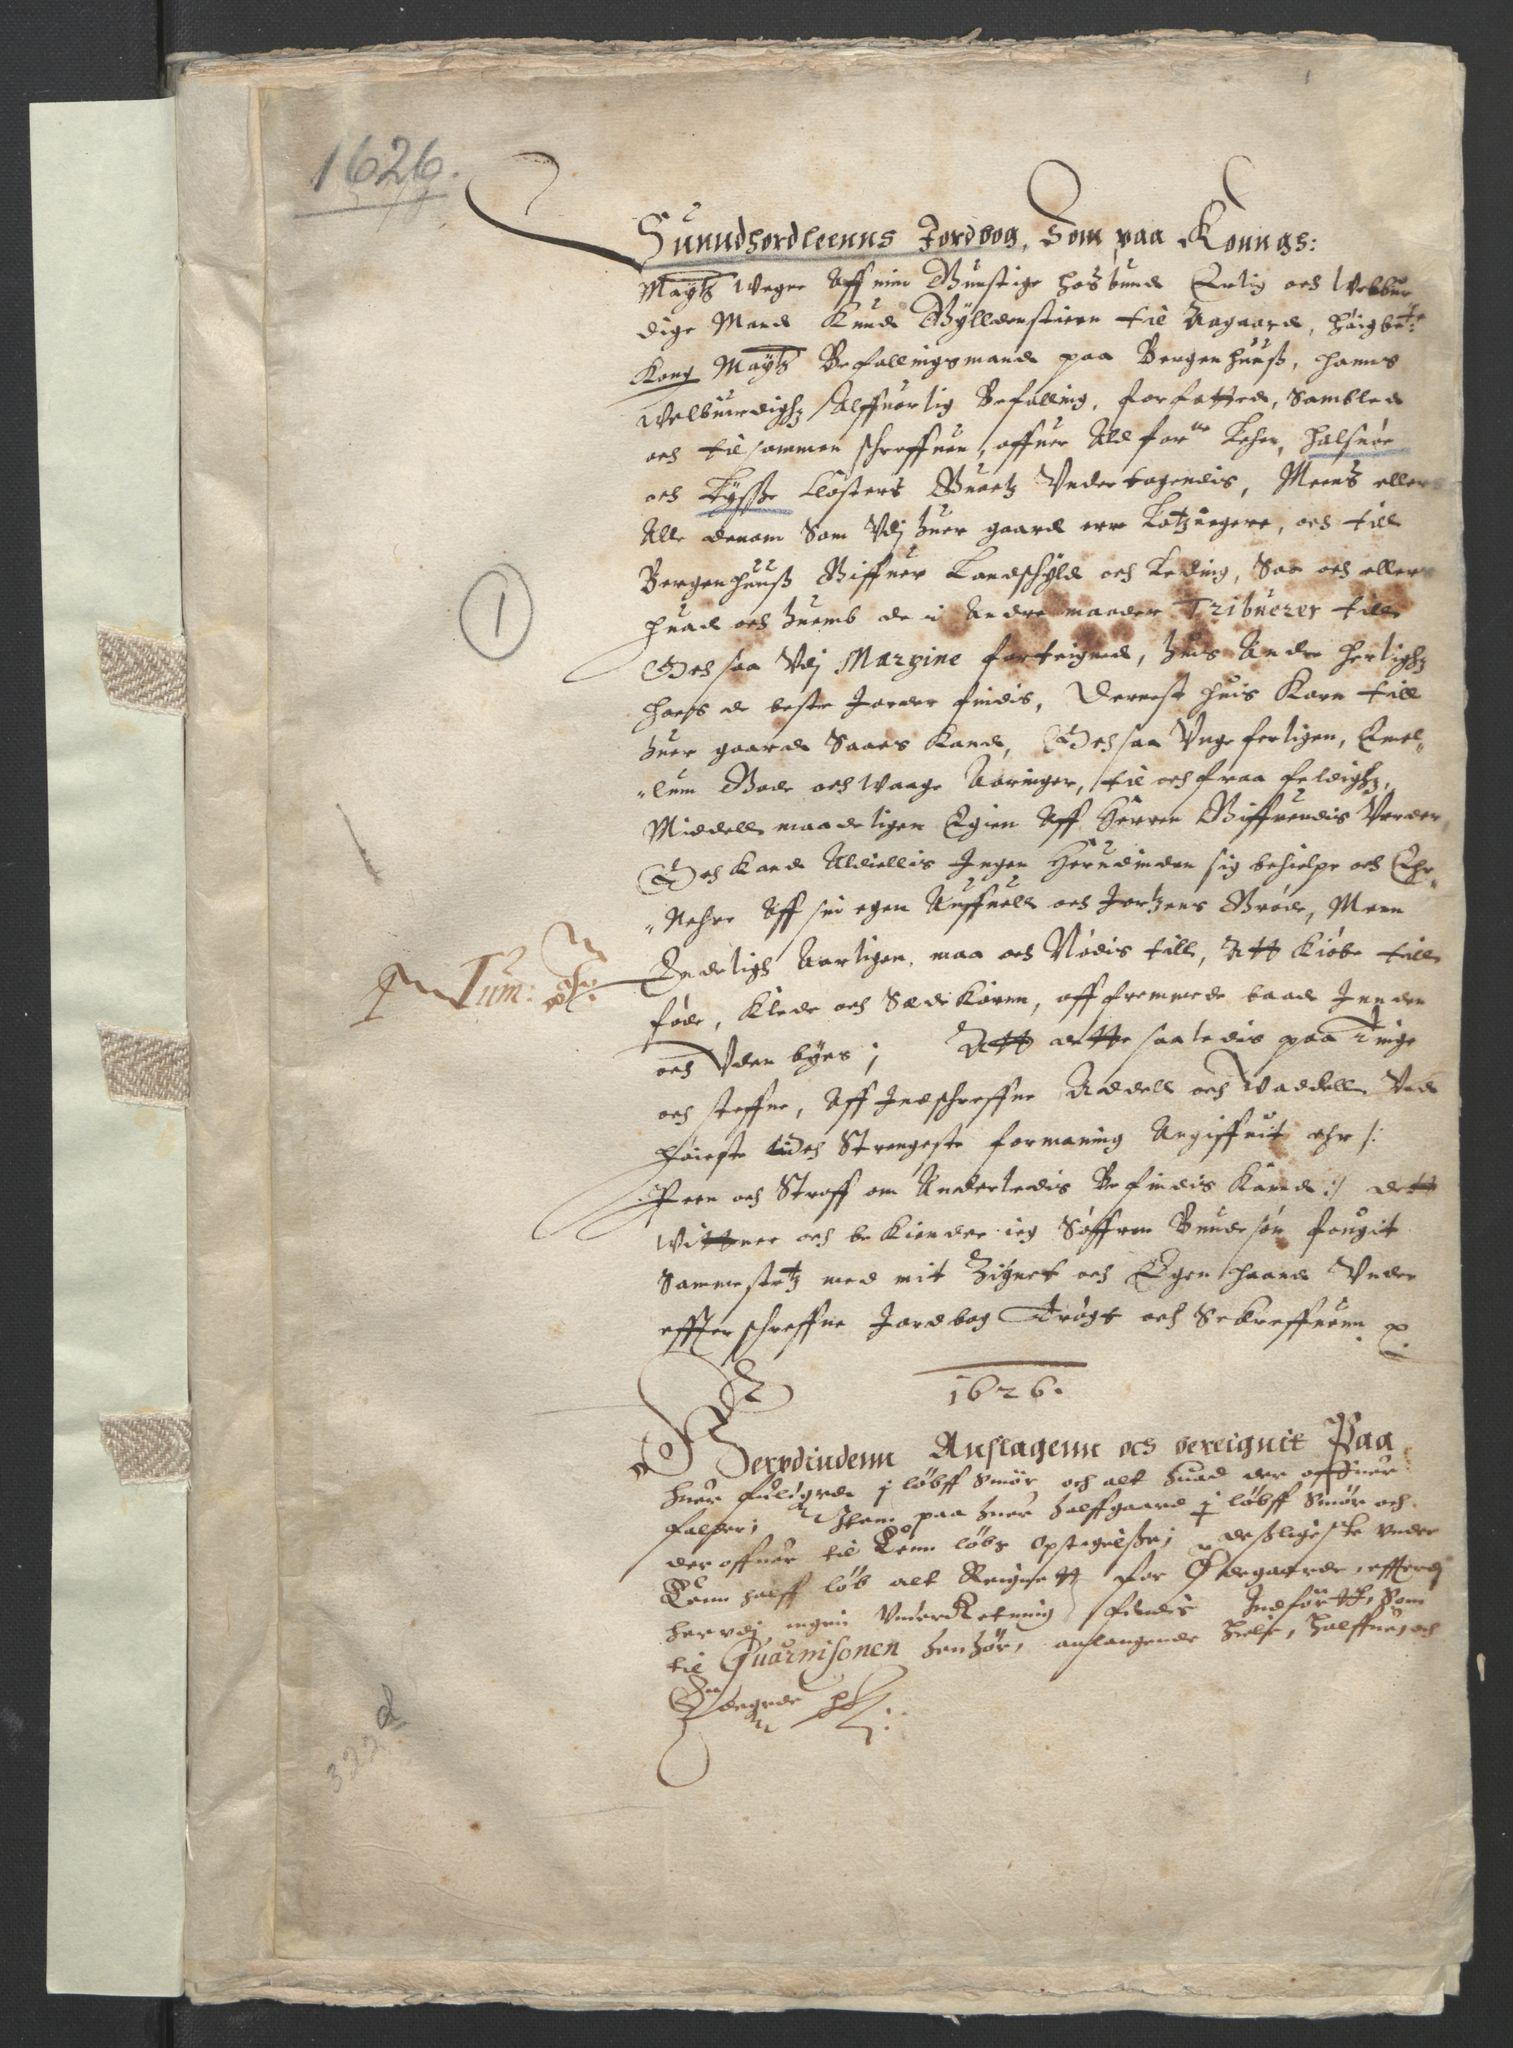 RA, Stattholderembetet 1572-1771, Ek/L0004: Jordebøker til utlikning av garnisonsskatt 1624-1626:, 1626, s. 3